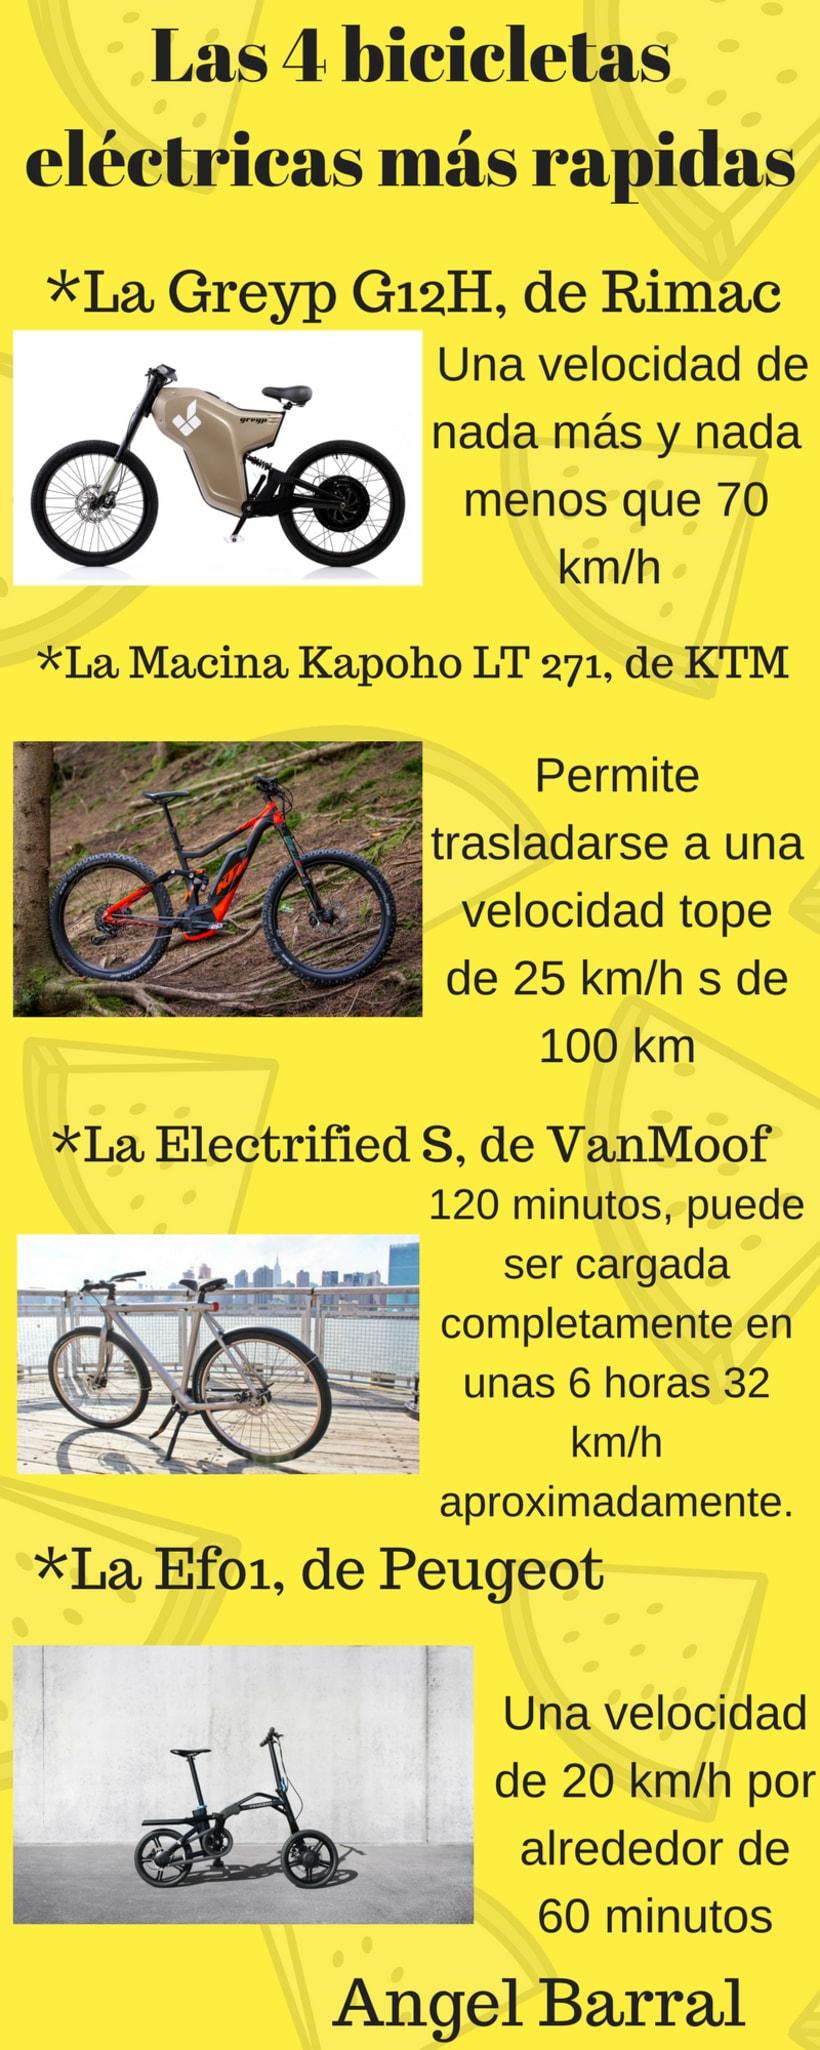 Las 4 mejores bicicletas electricas -1